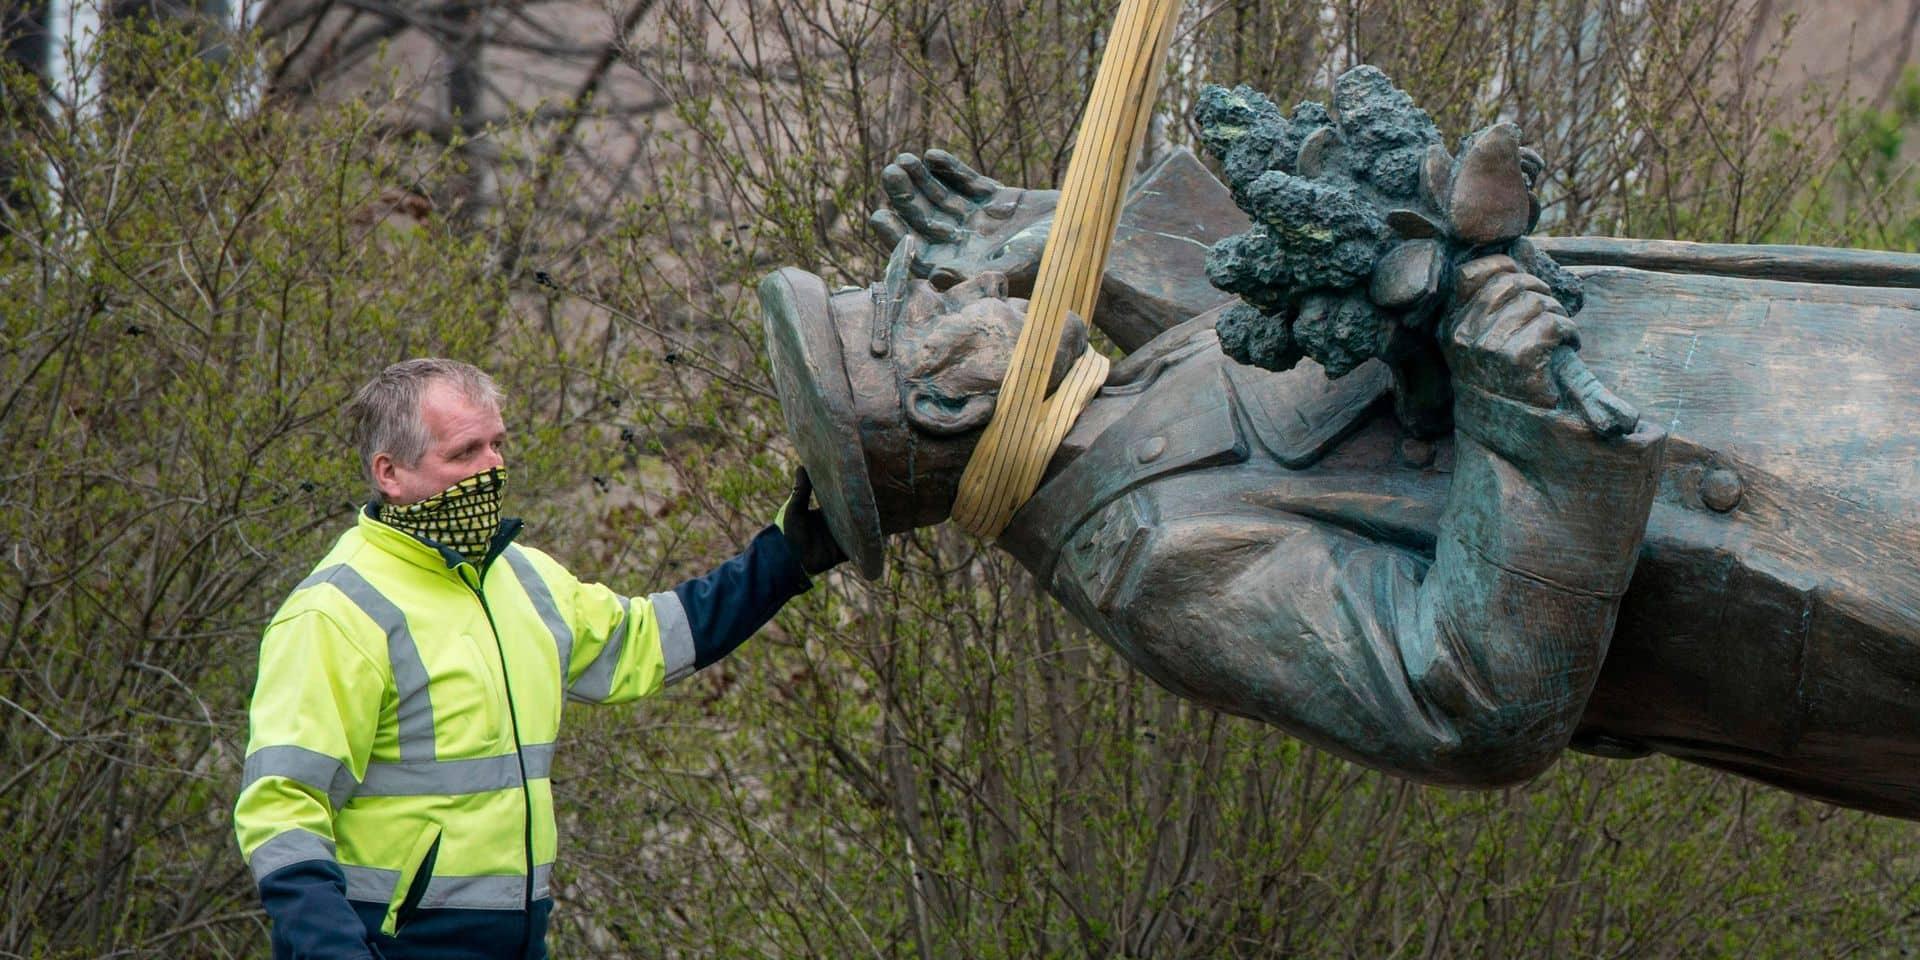 Prague déboulonne la statue d'un maréchal soviétique controversé